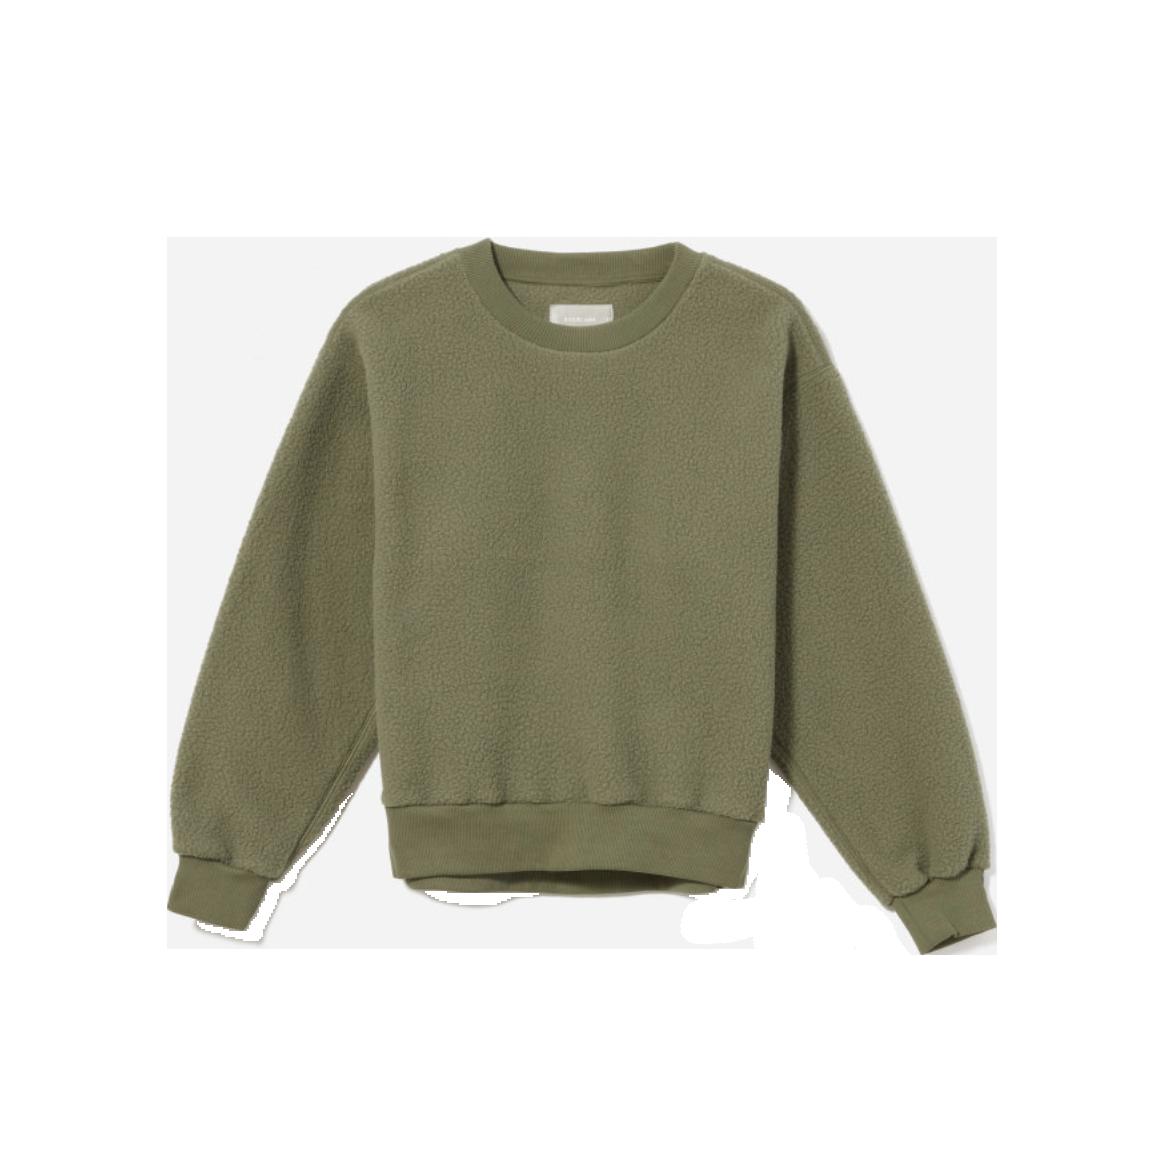 6. Chic fleece:   Everlane The     ReNew     Fleece Sweatshirt